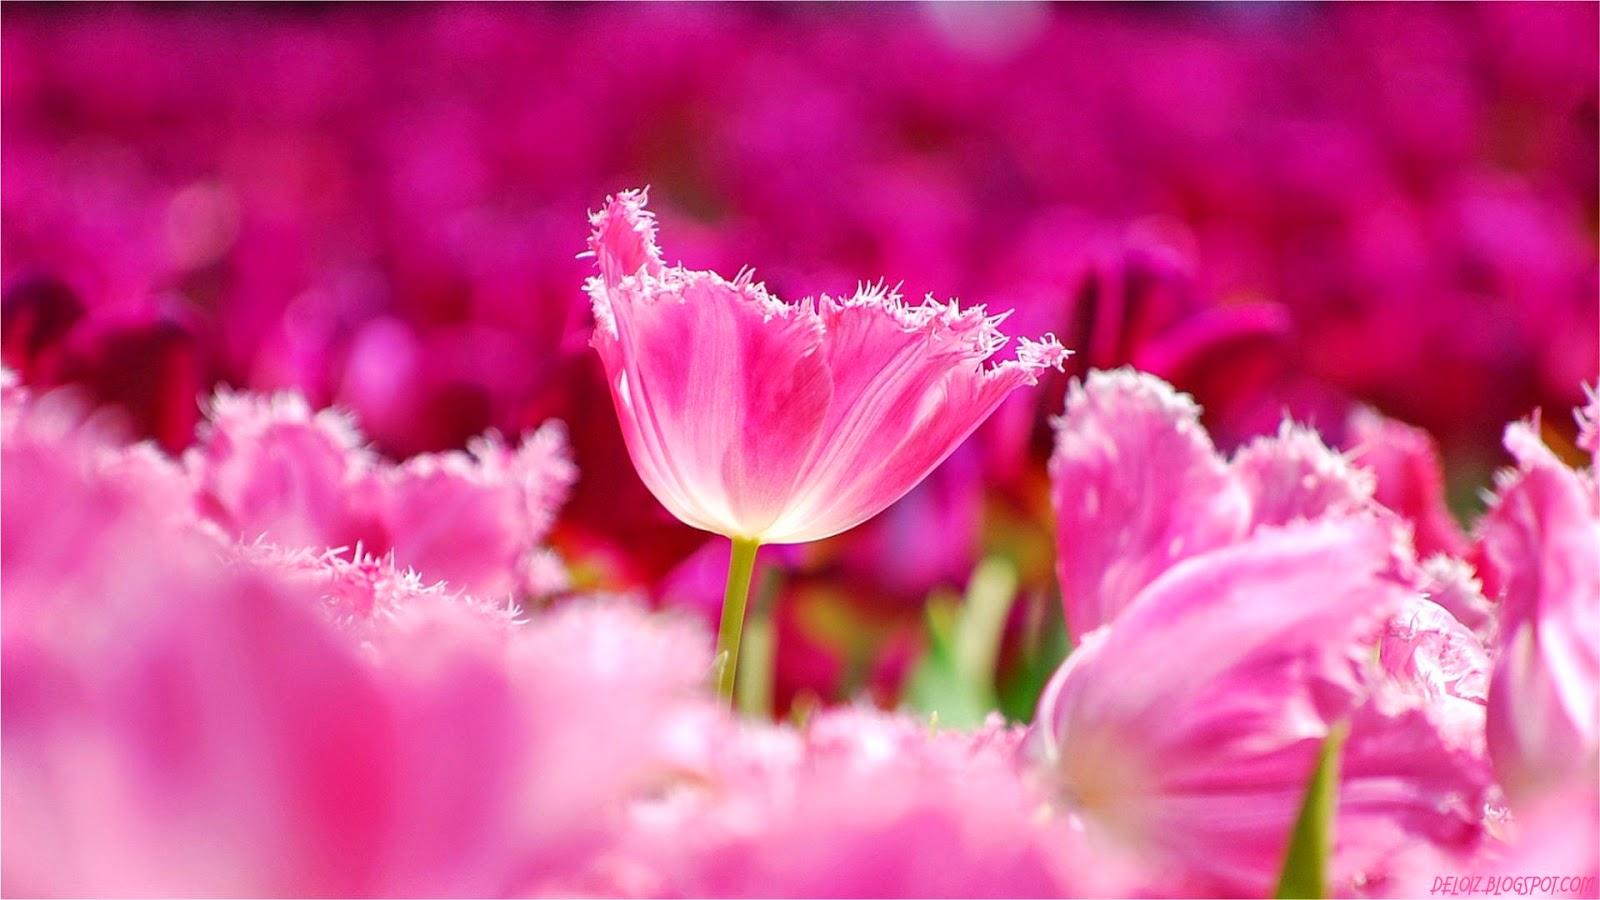 Get Hd Wallpaper Wallpaper Bunga Tulip Pink